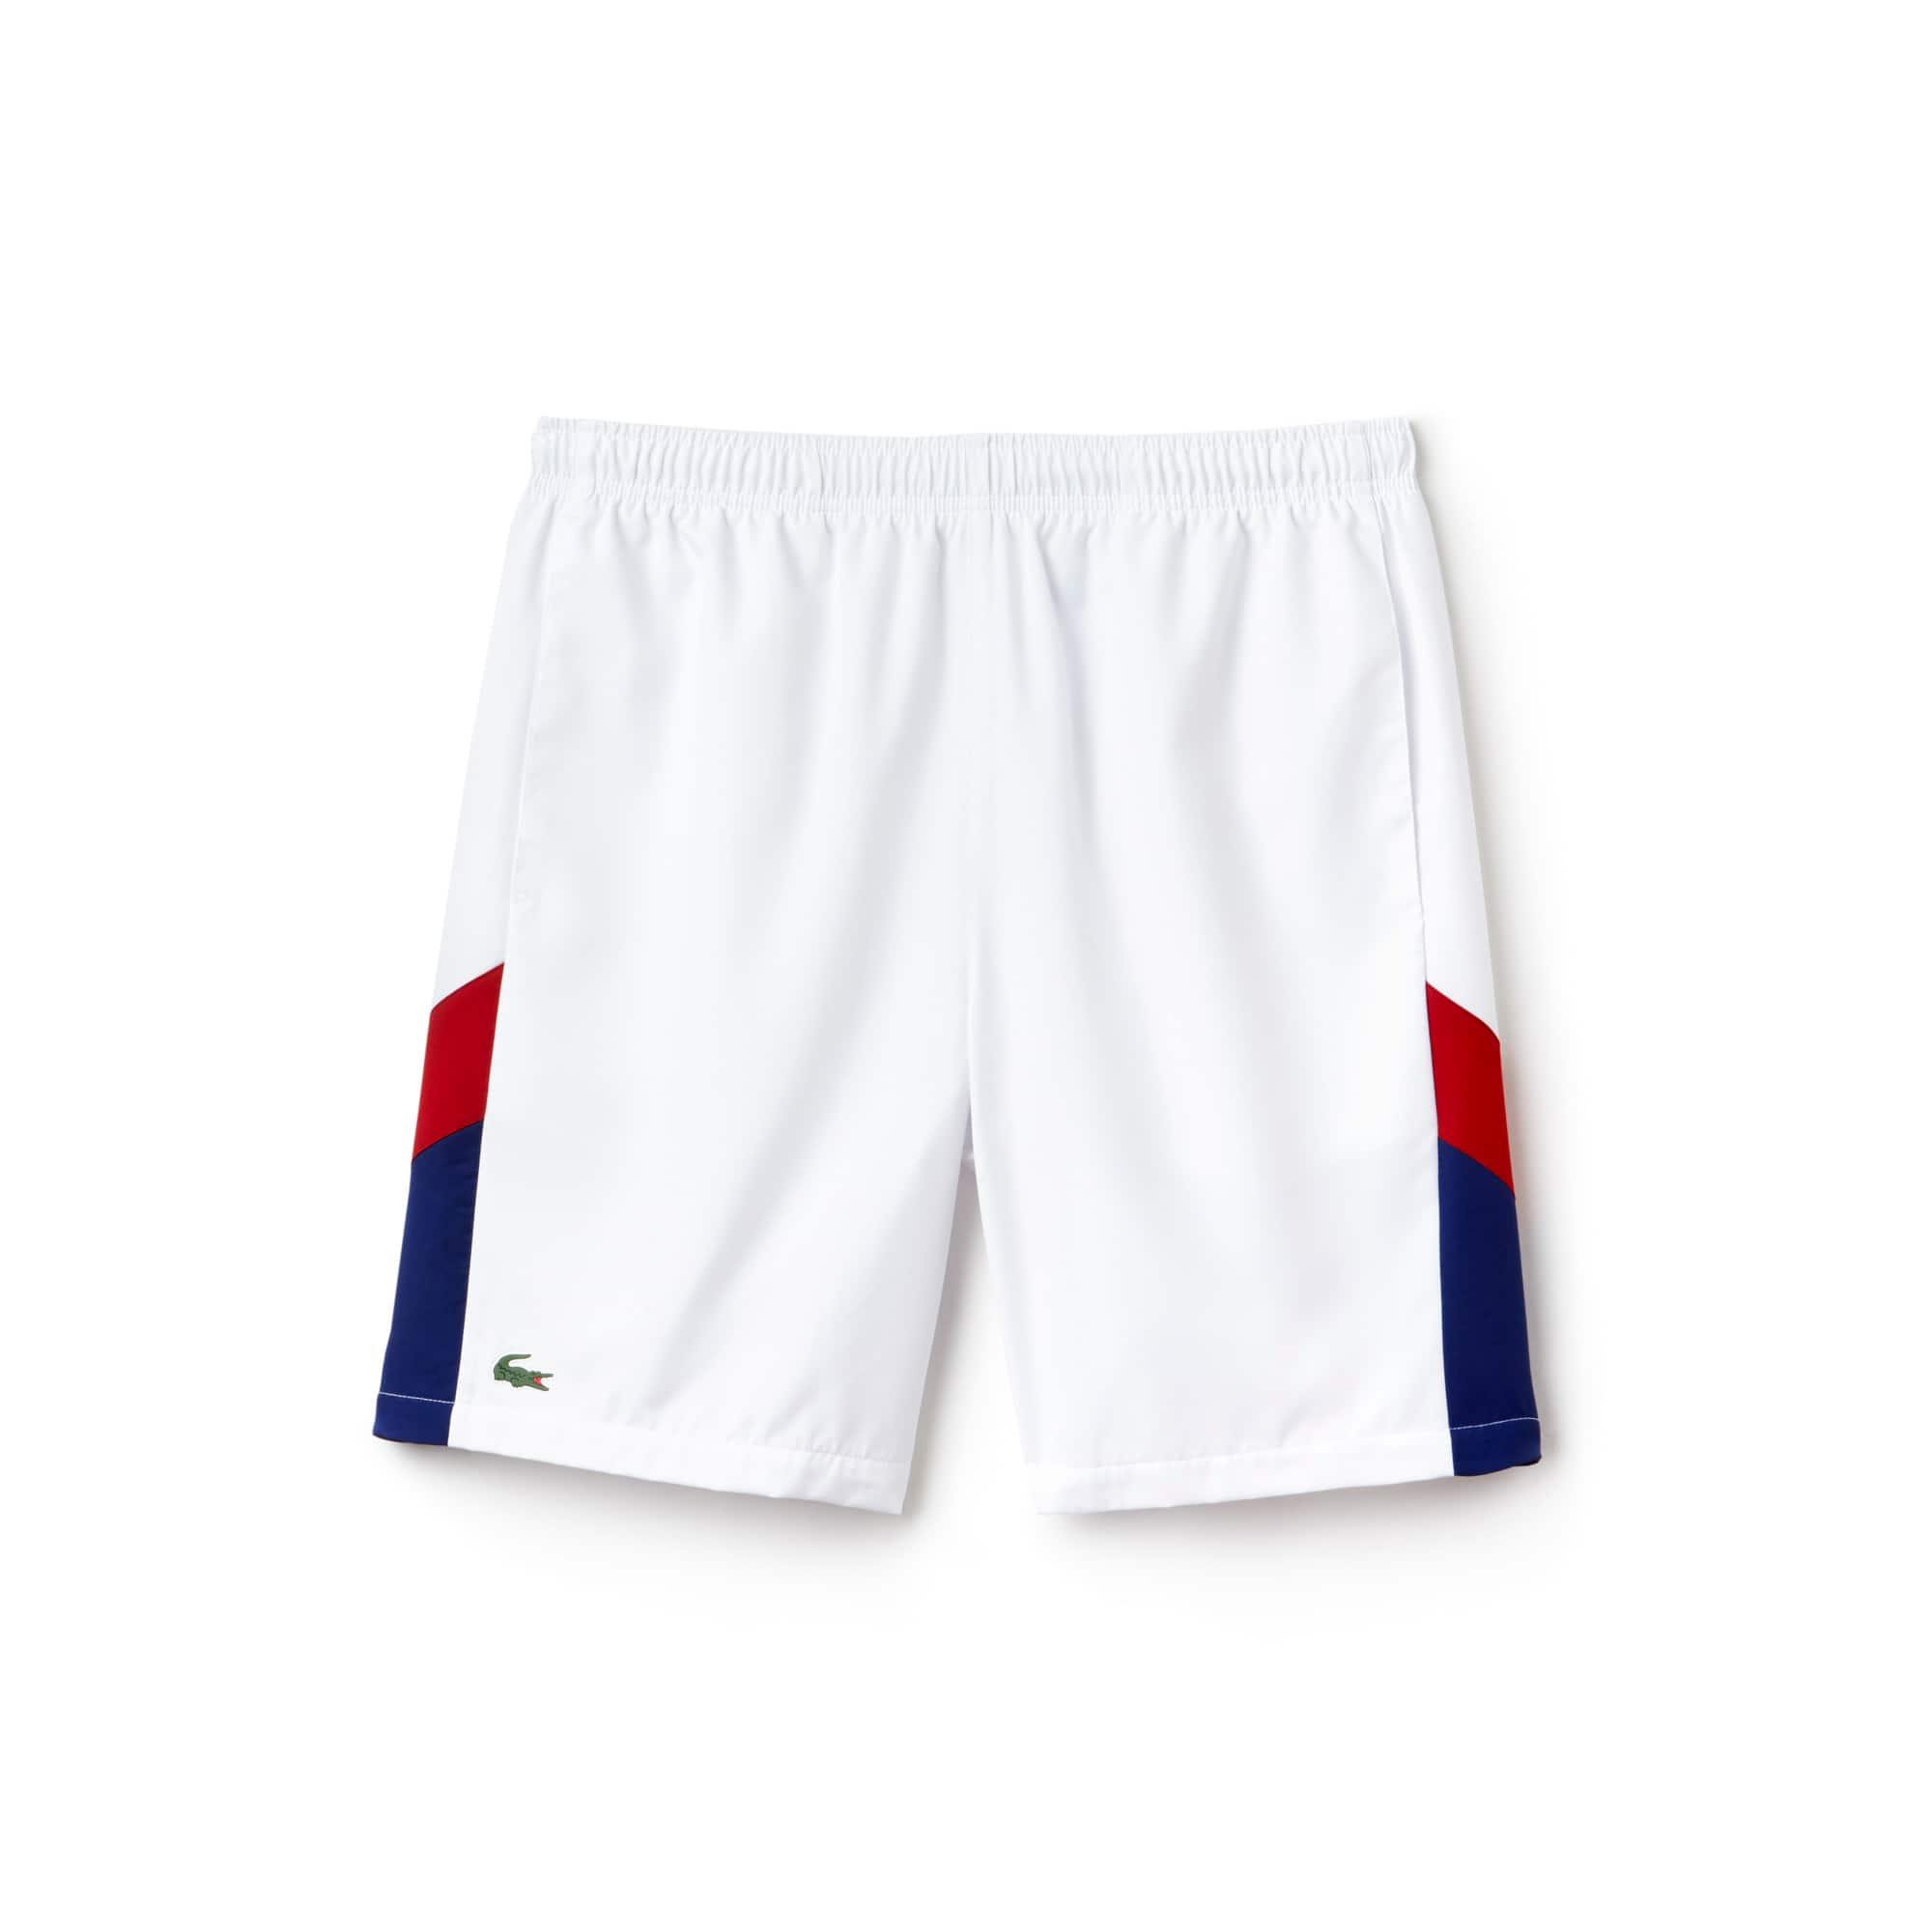 Short Tennis Lacoste SPORT avec bandes color block